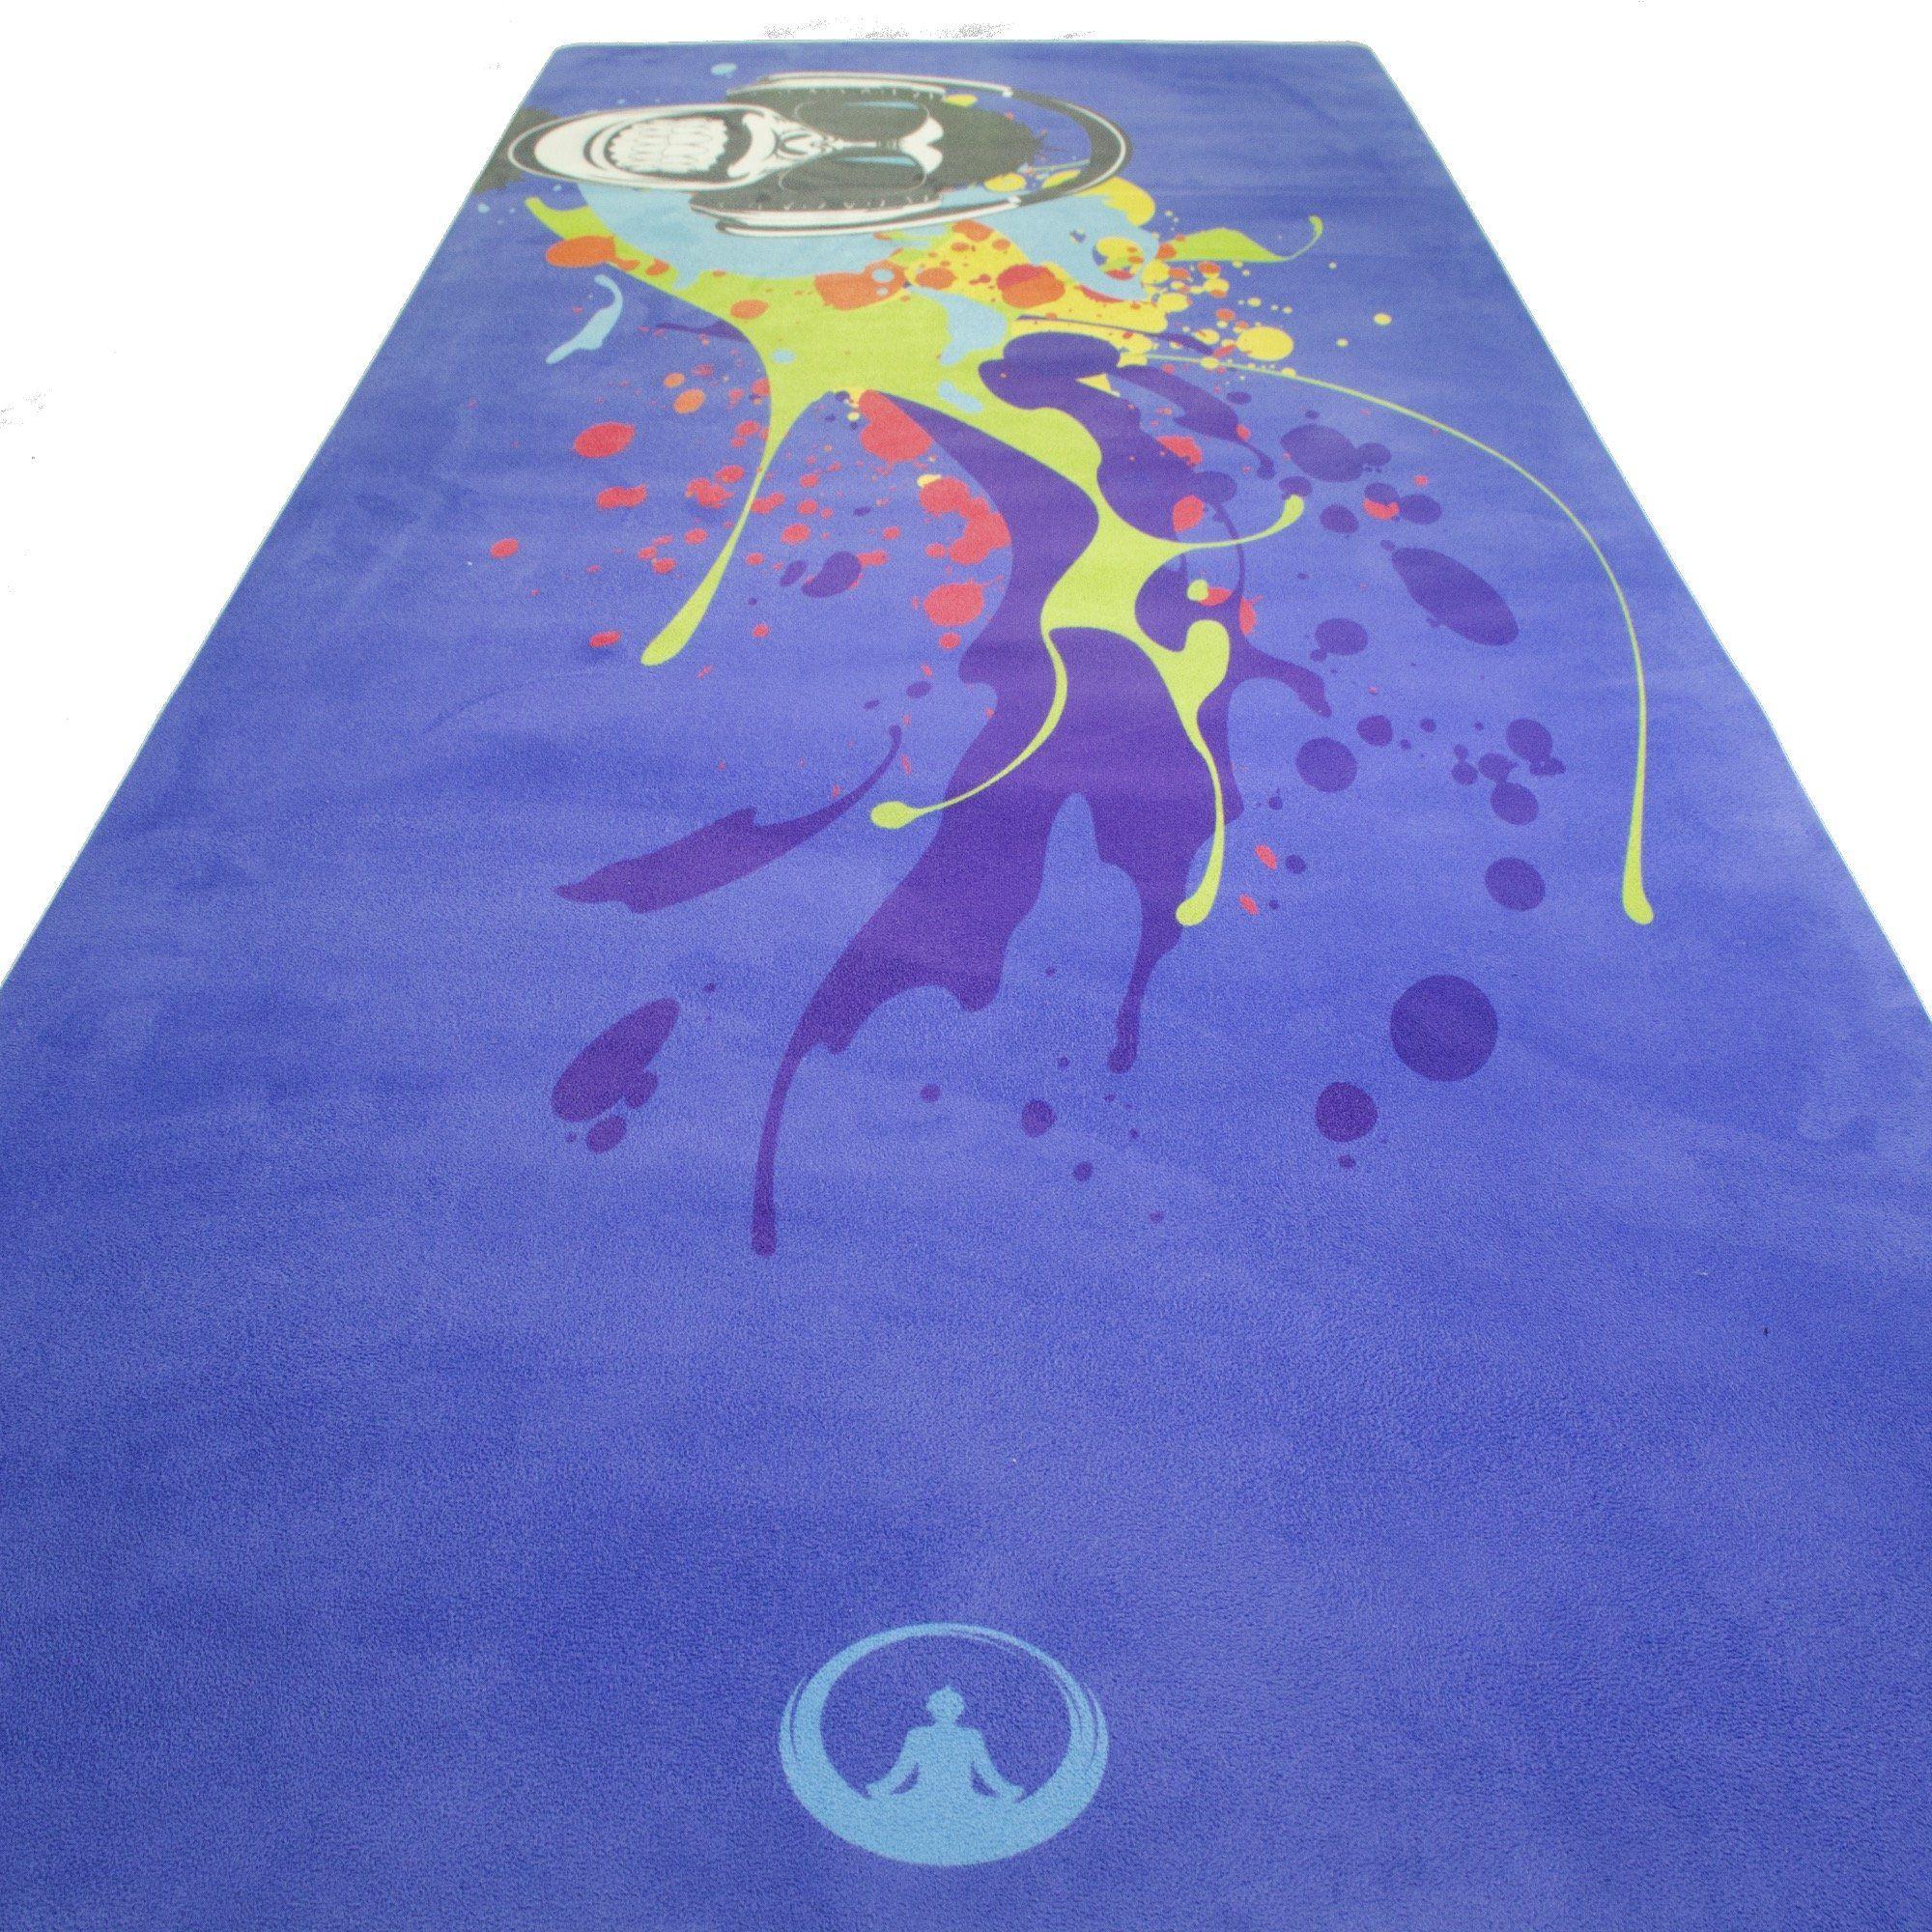 com best the mats article fdaa bikram yoga mat brand livestrong